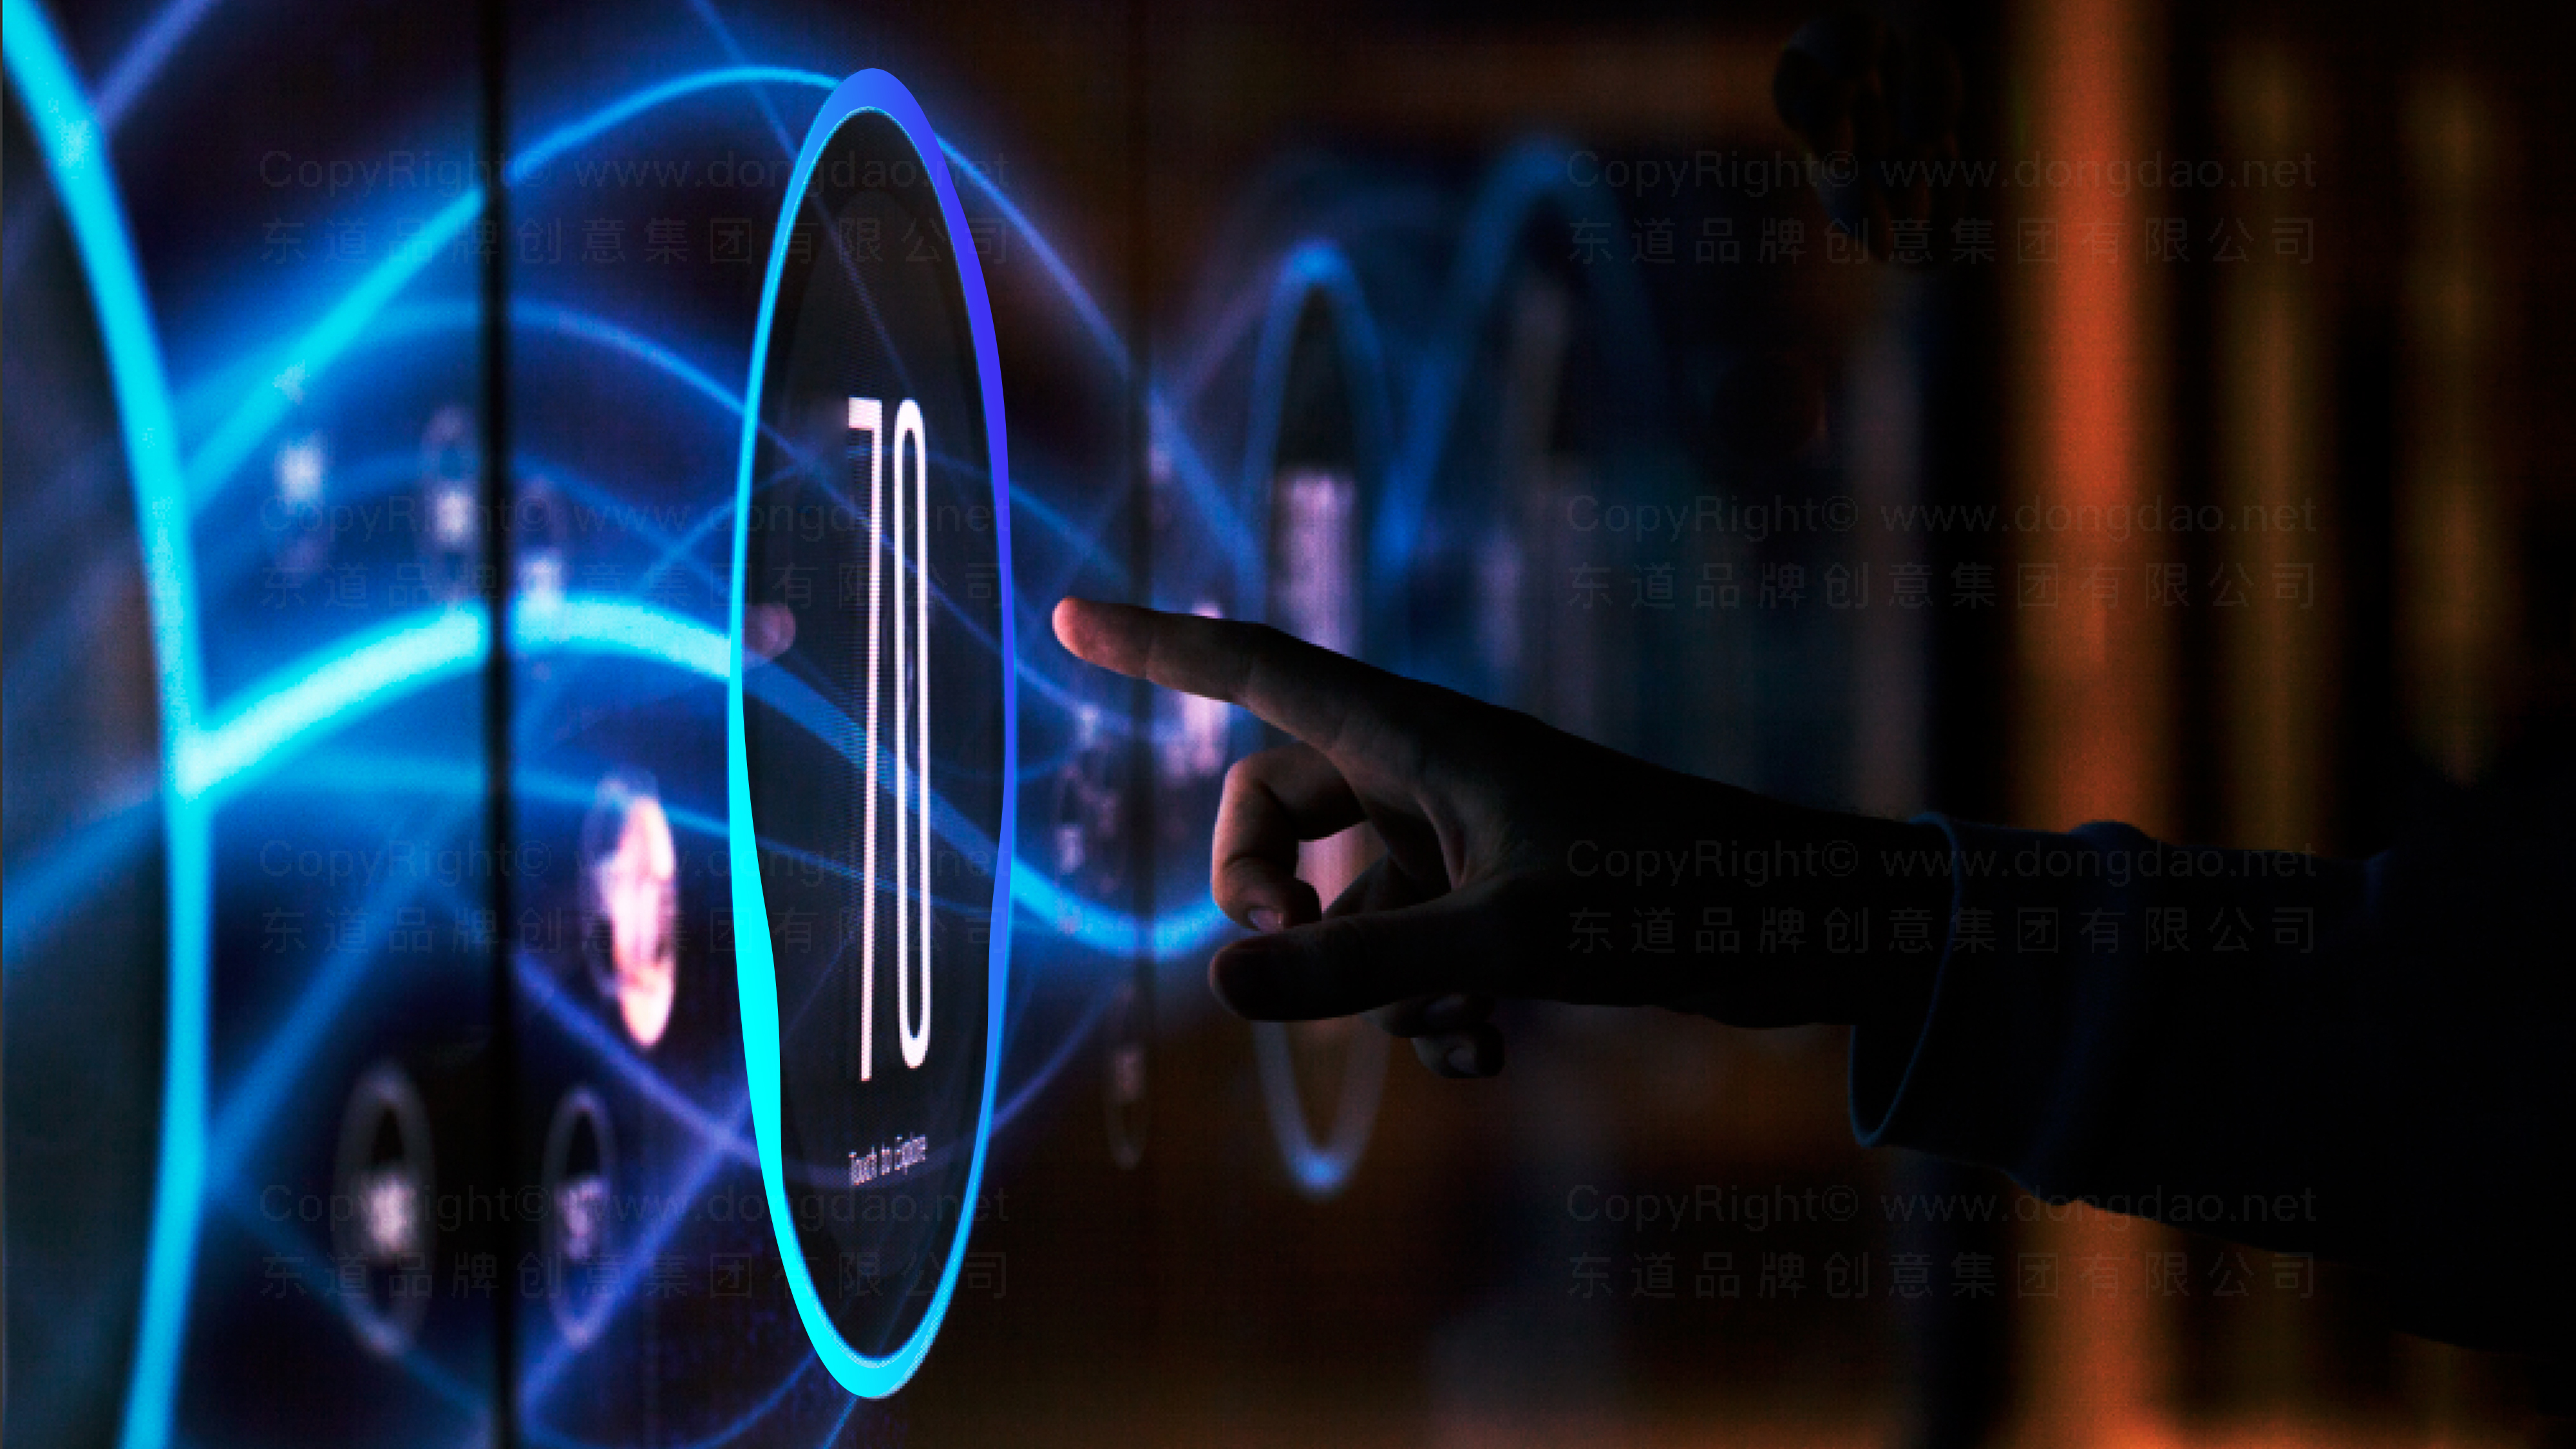 品牌设计TINNOVE汽车智能系统LOGO&VI设计应用场景_4